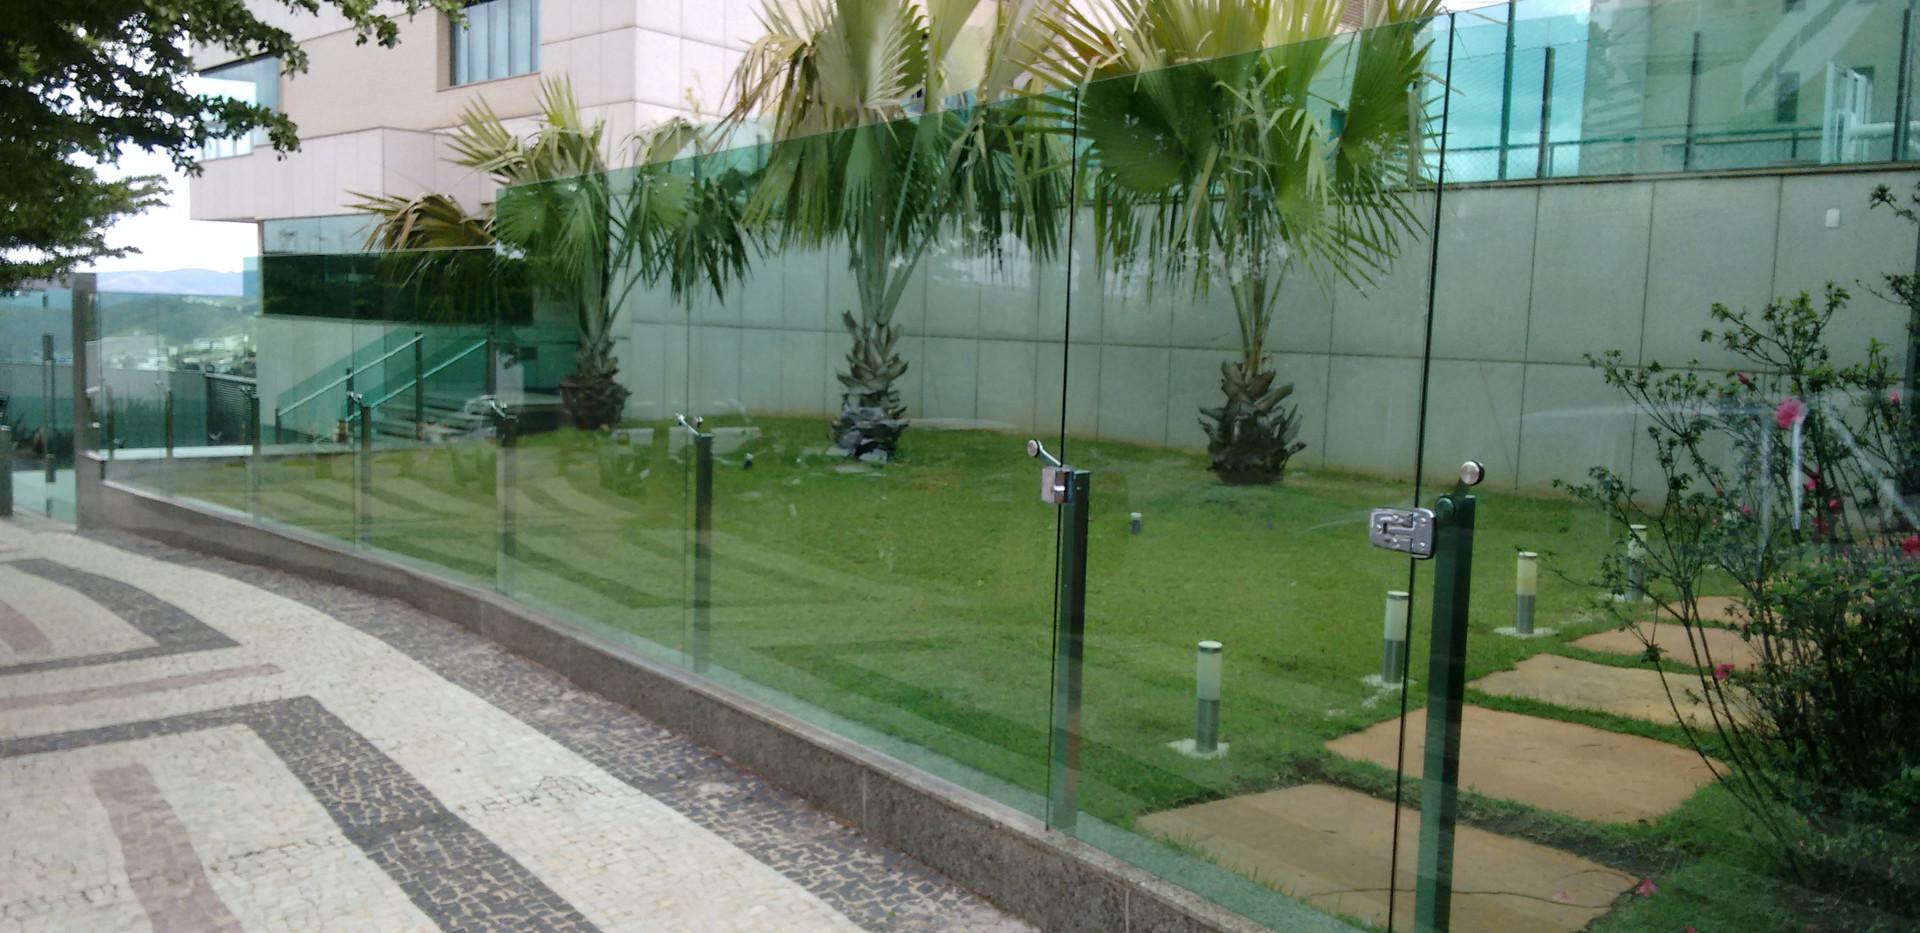 muro de vidro 3.jpg